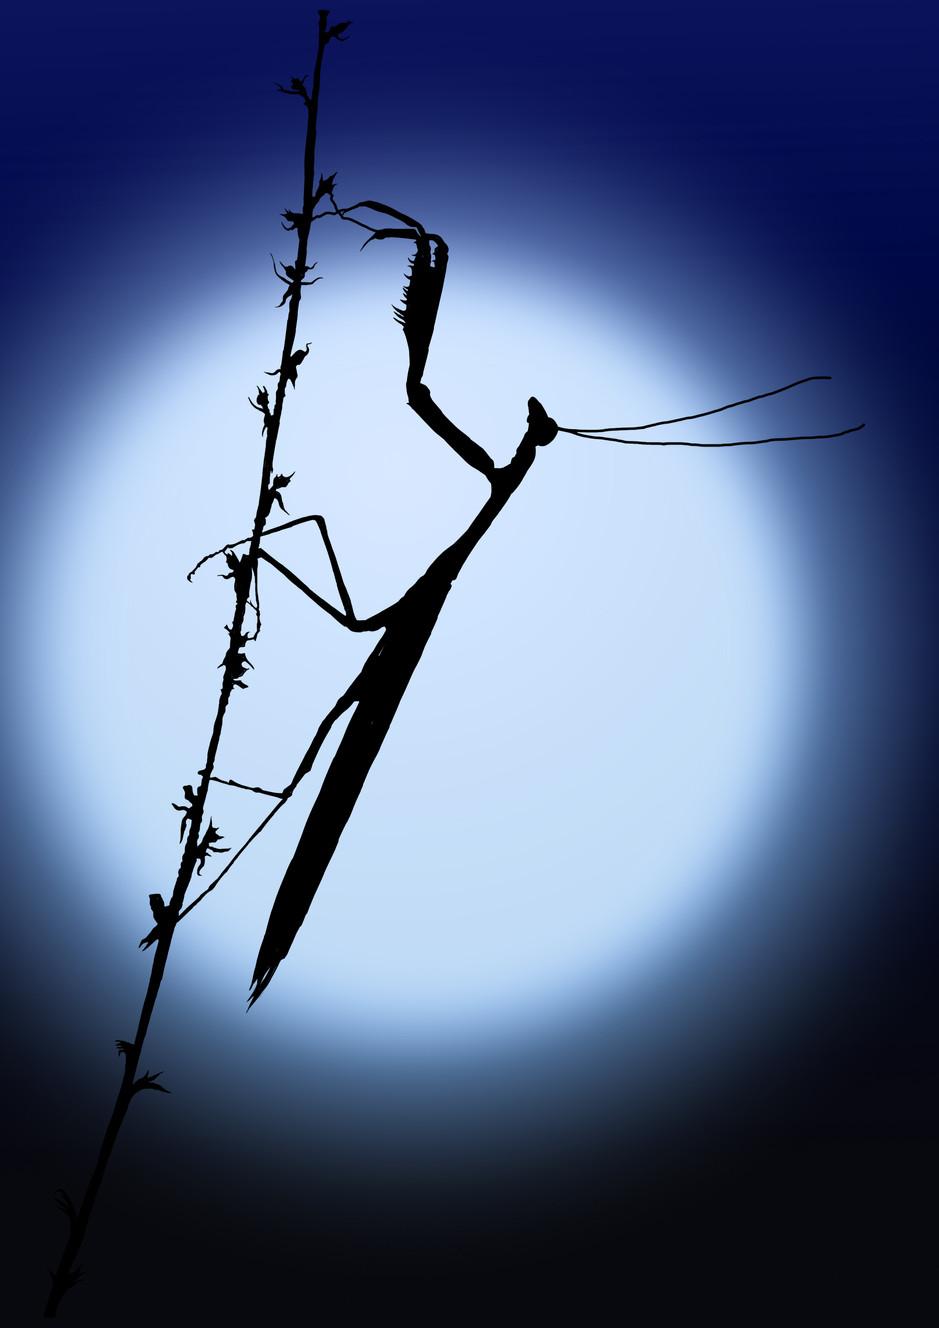 Praying Mantis in moonlight